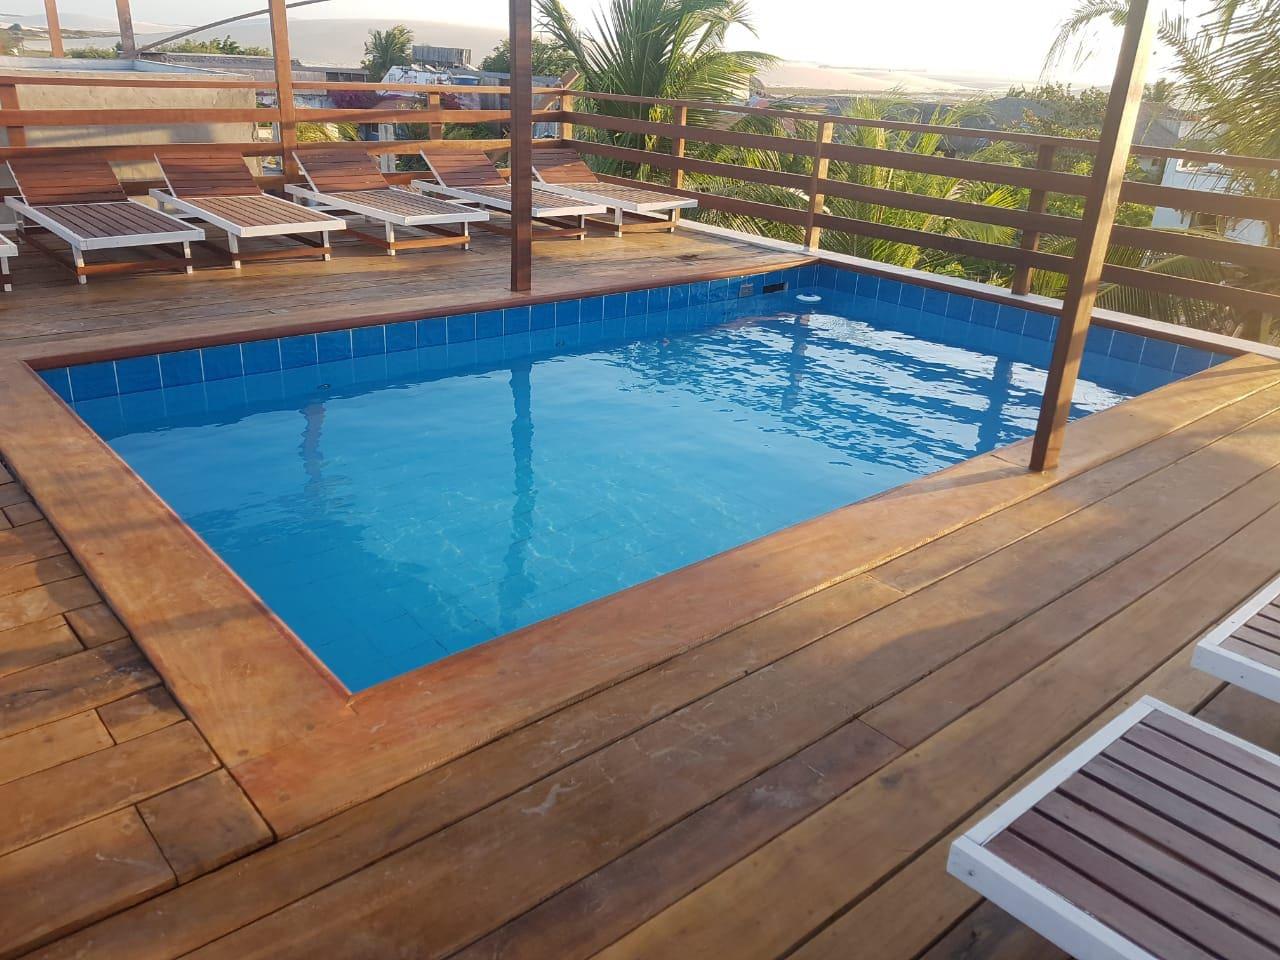 piscina com vista